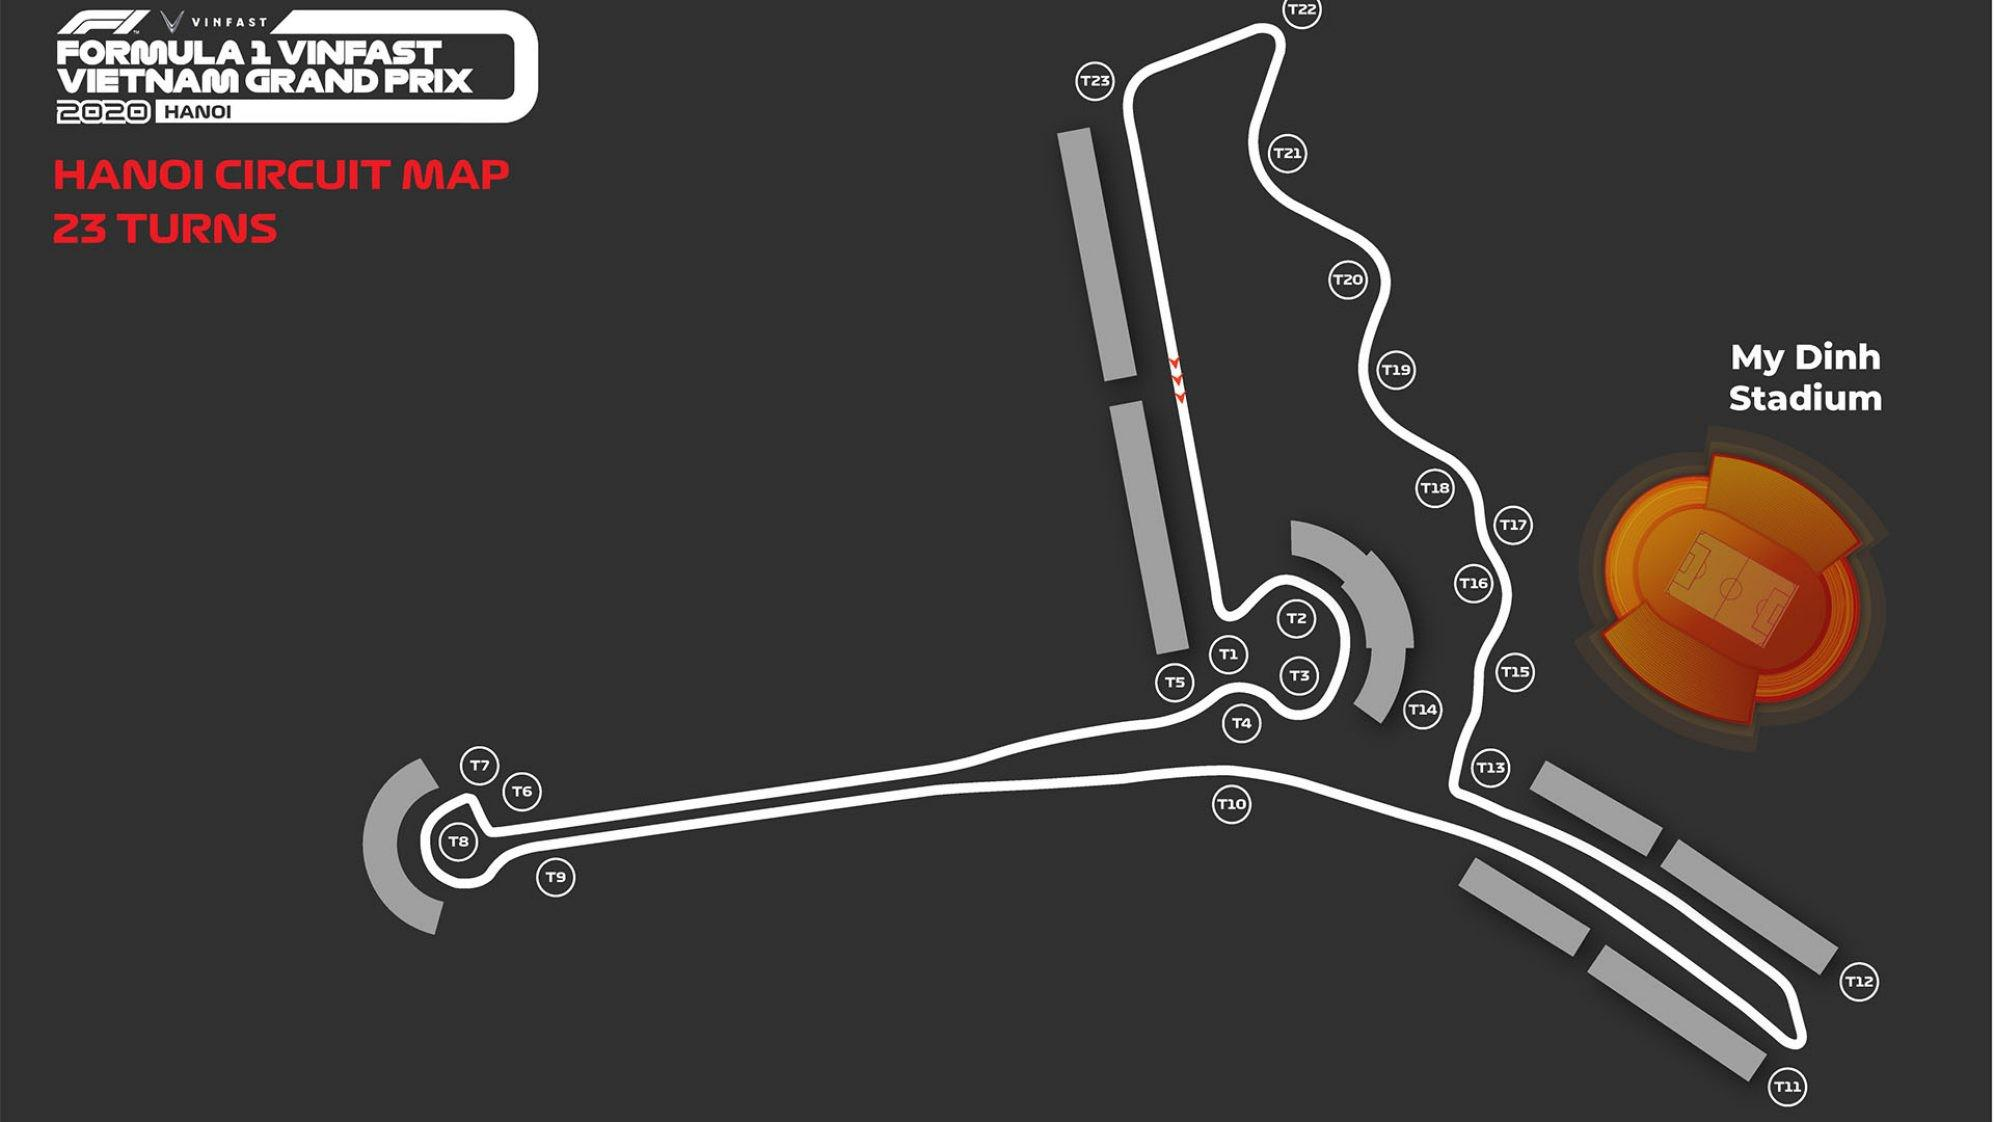 formula-1-reveals-2020-vietnam-grand-prix-track-final-shape-139712_1.jpg.3aebb4d09ffd901e9c2404c6c558c8e1.jpg